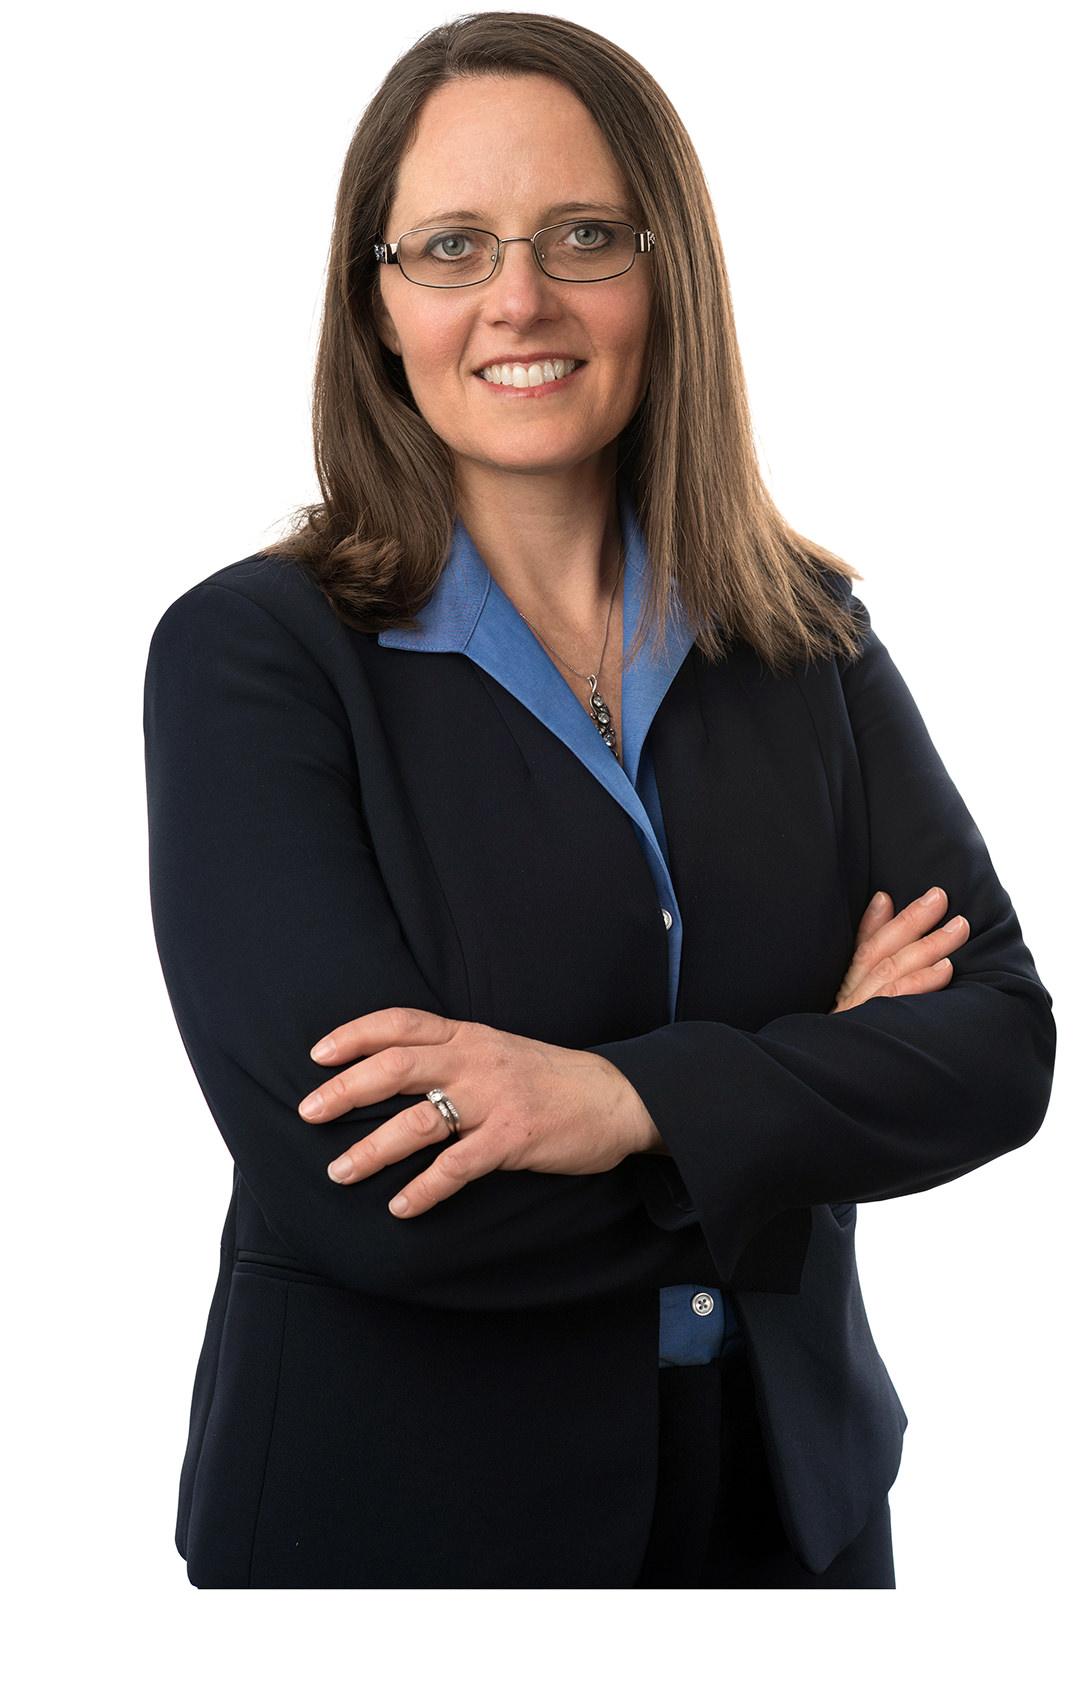 Rachel Atkin Hedley